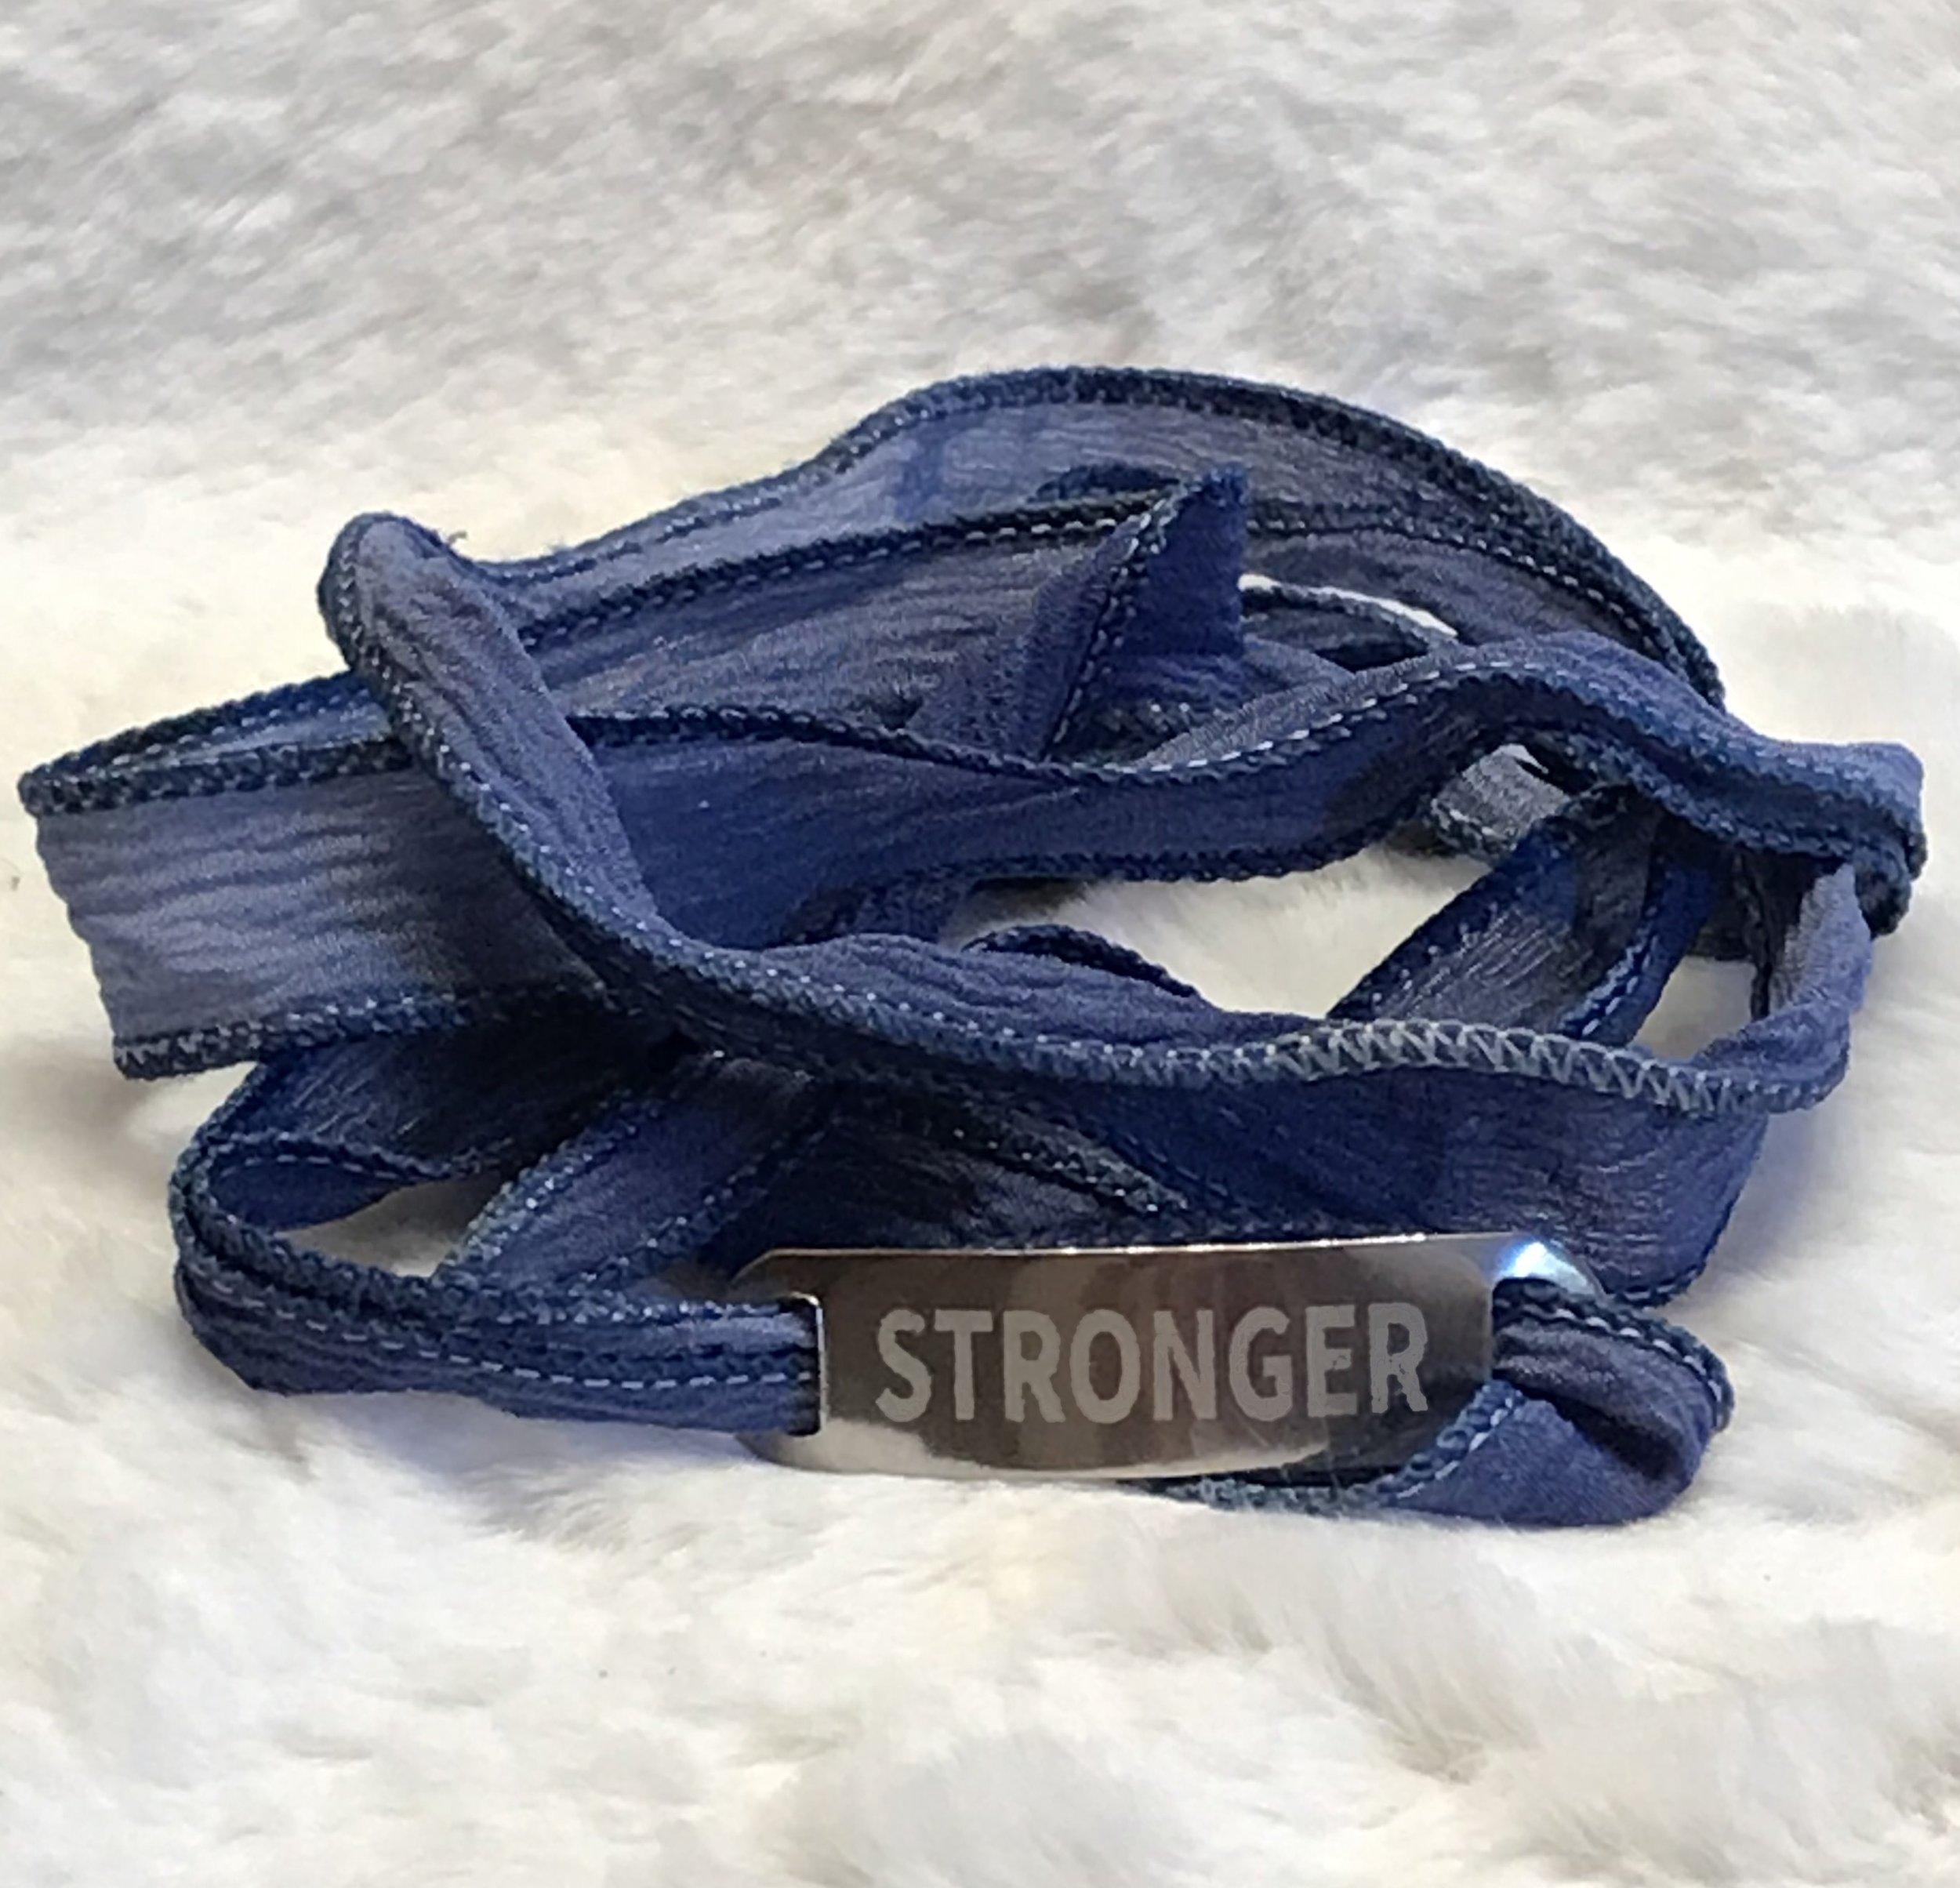 Stronger Yoga Bracelet.jpg